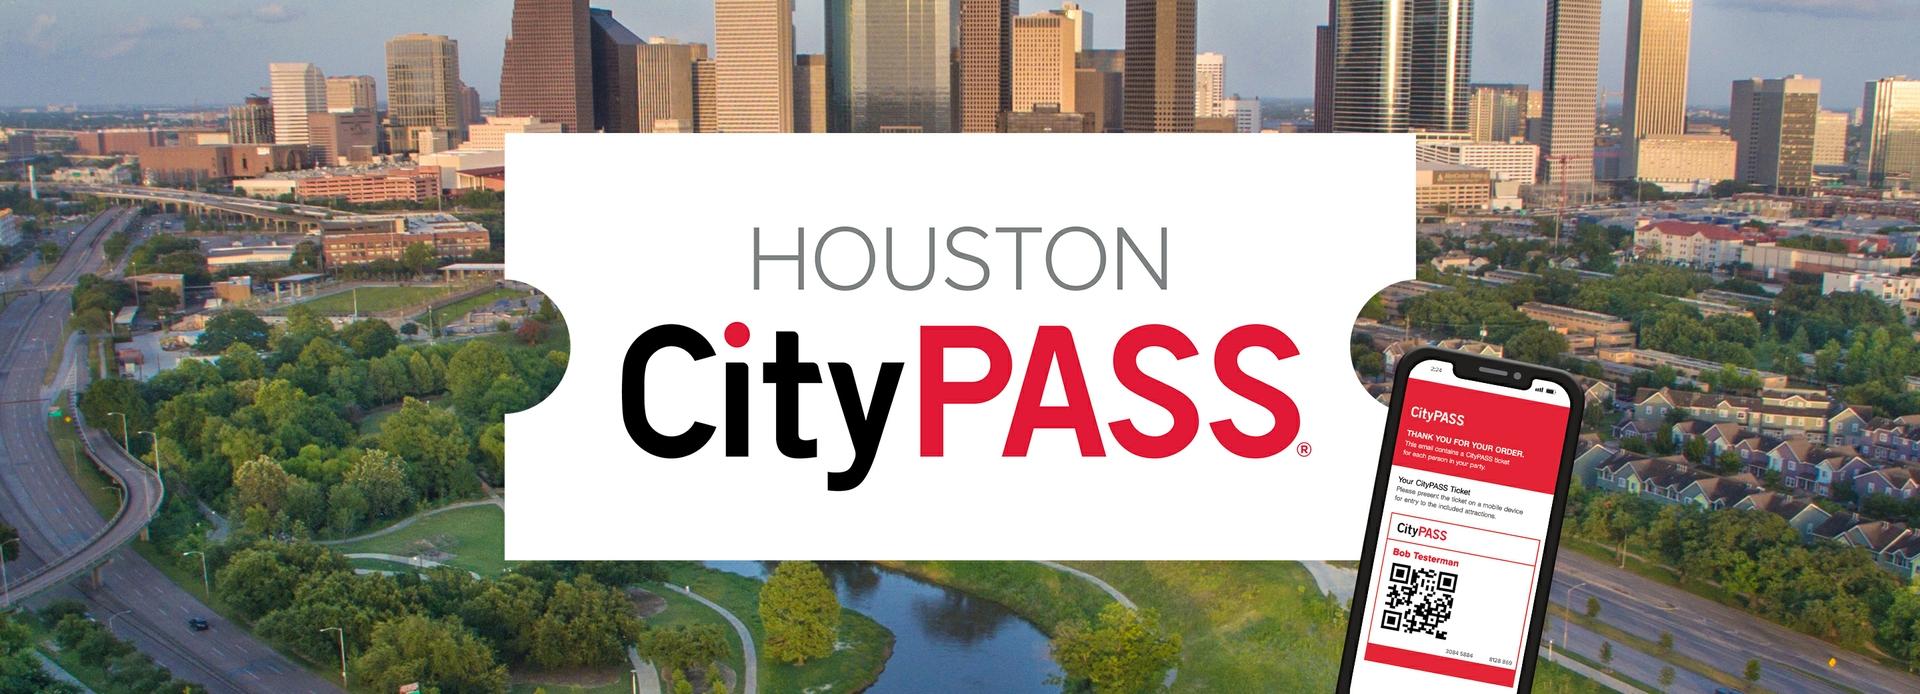 2021-2022 Houston CityPASS®